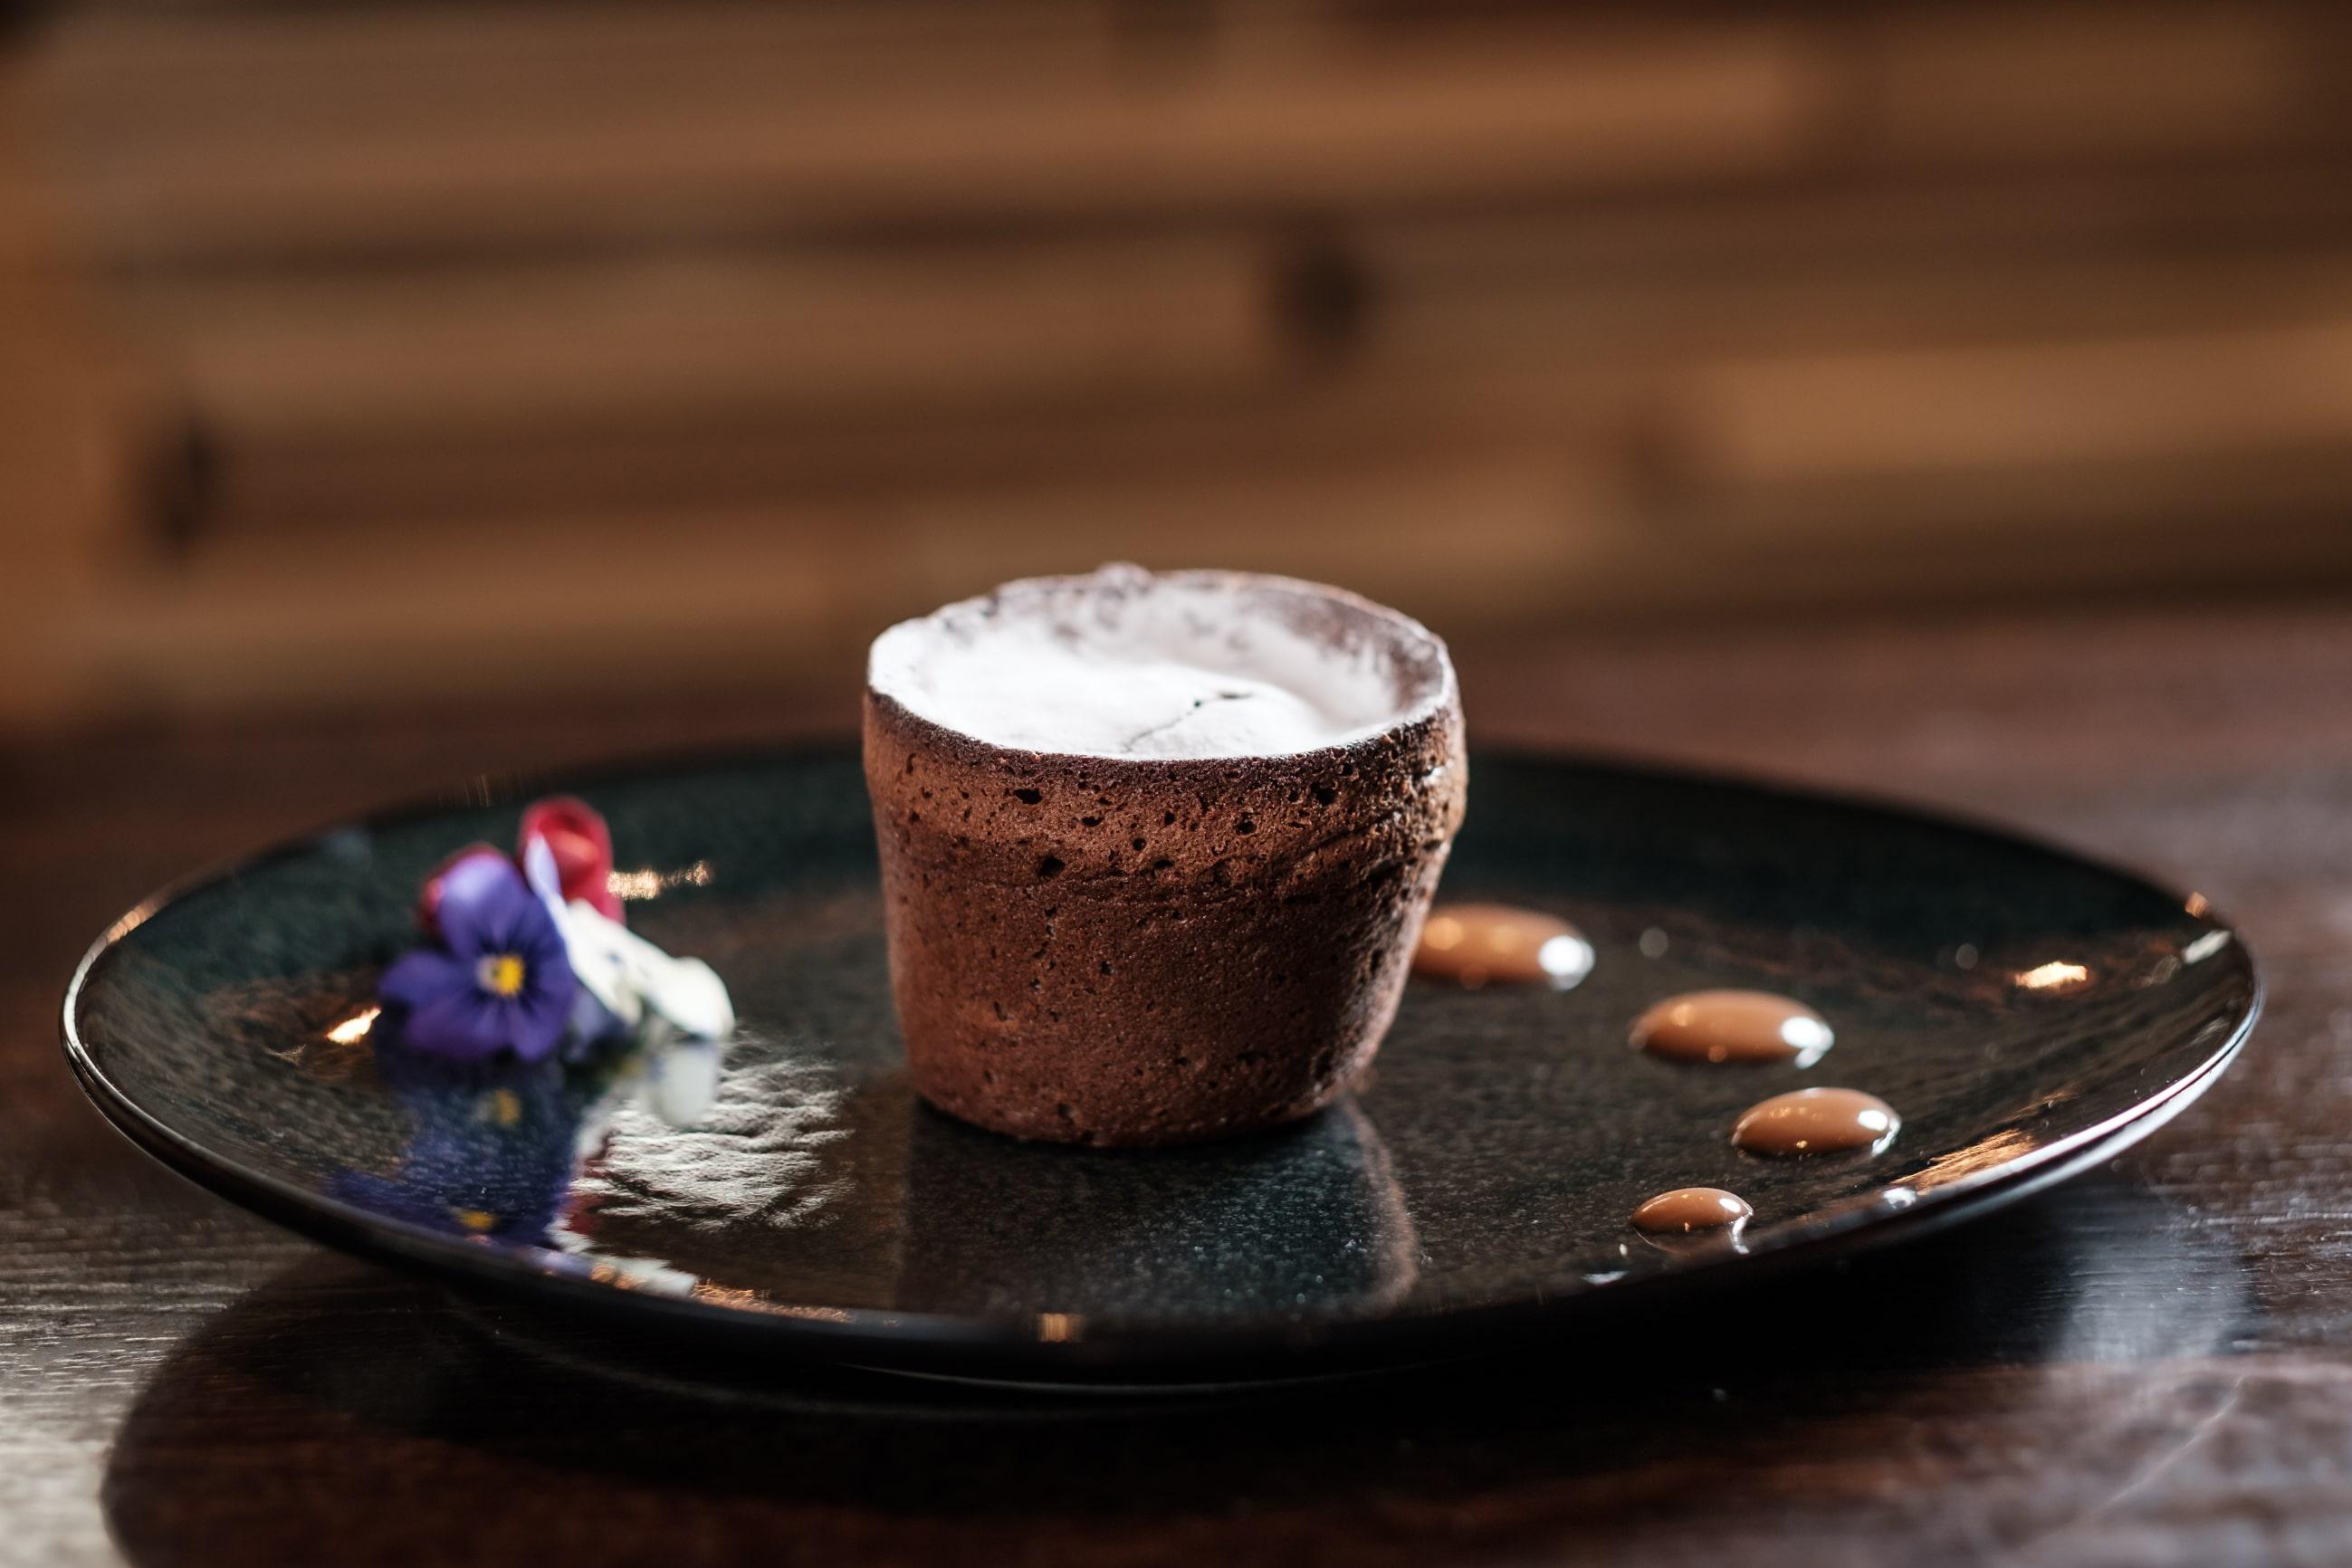 Priv Chocolade Souffl Eventueel Zelf Even Ijs En Slagroom Erbij Serveren